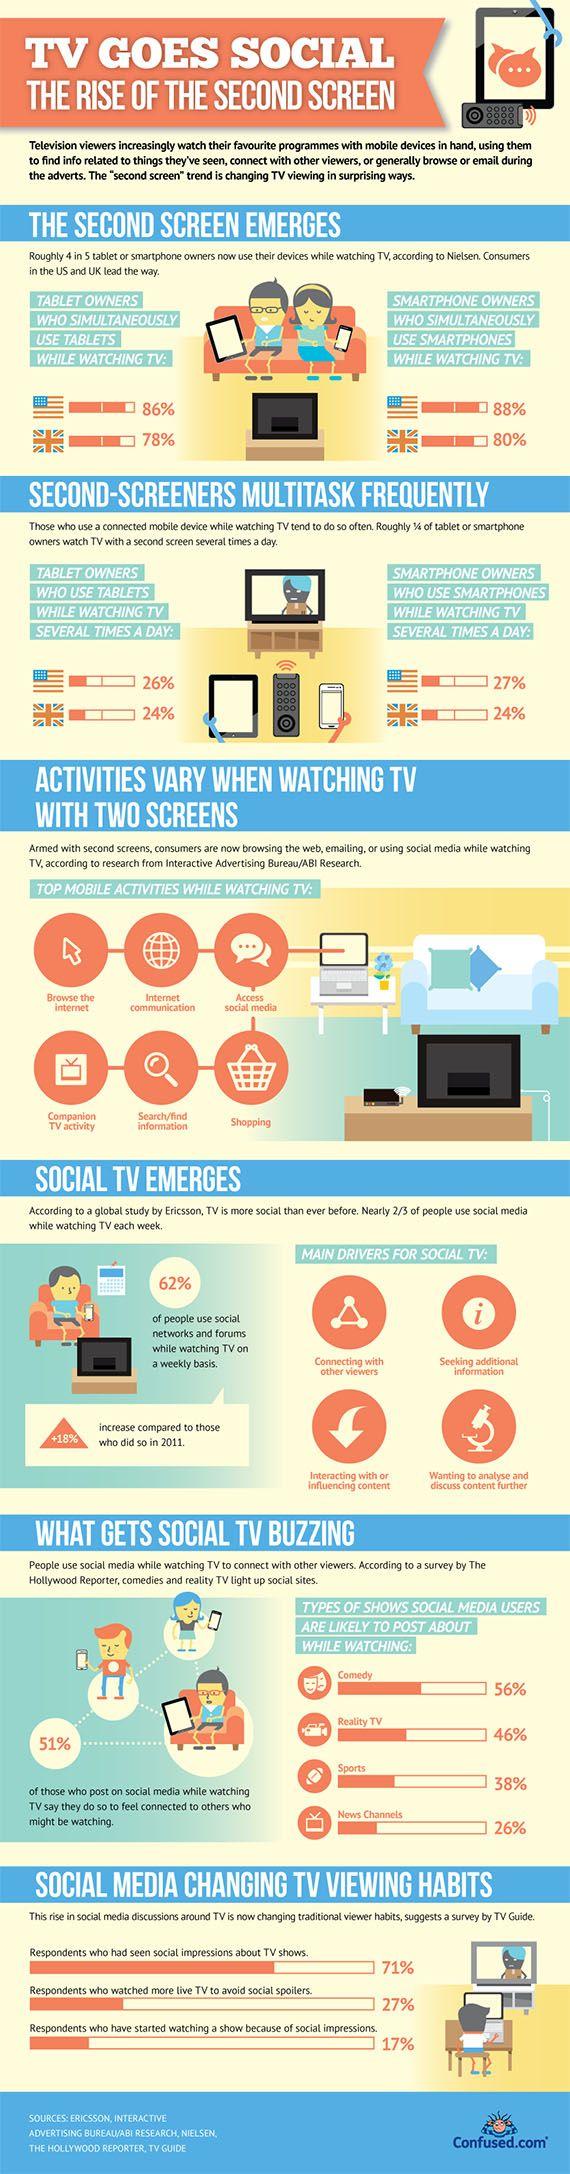 6 de cada 10 usuarios utilizan las redes sociales mientras ven televisión